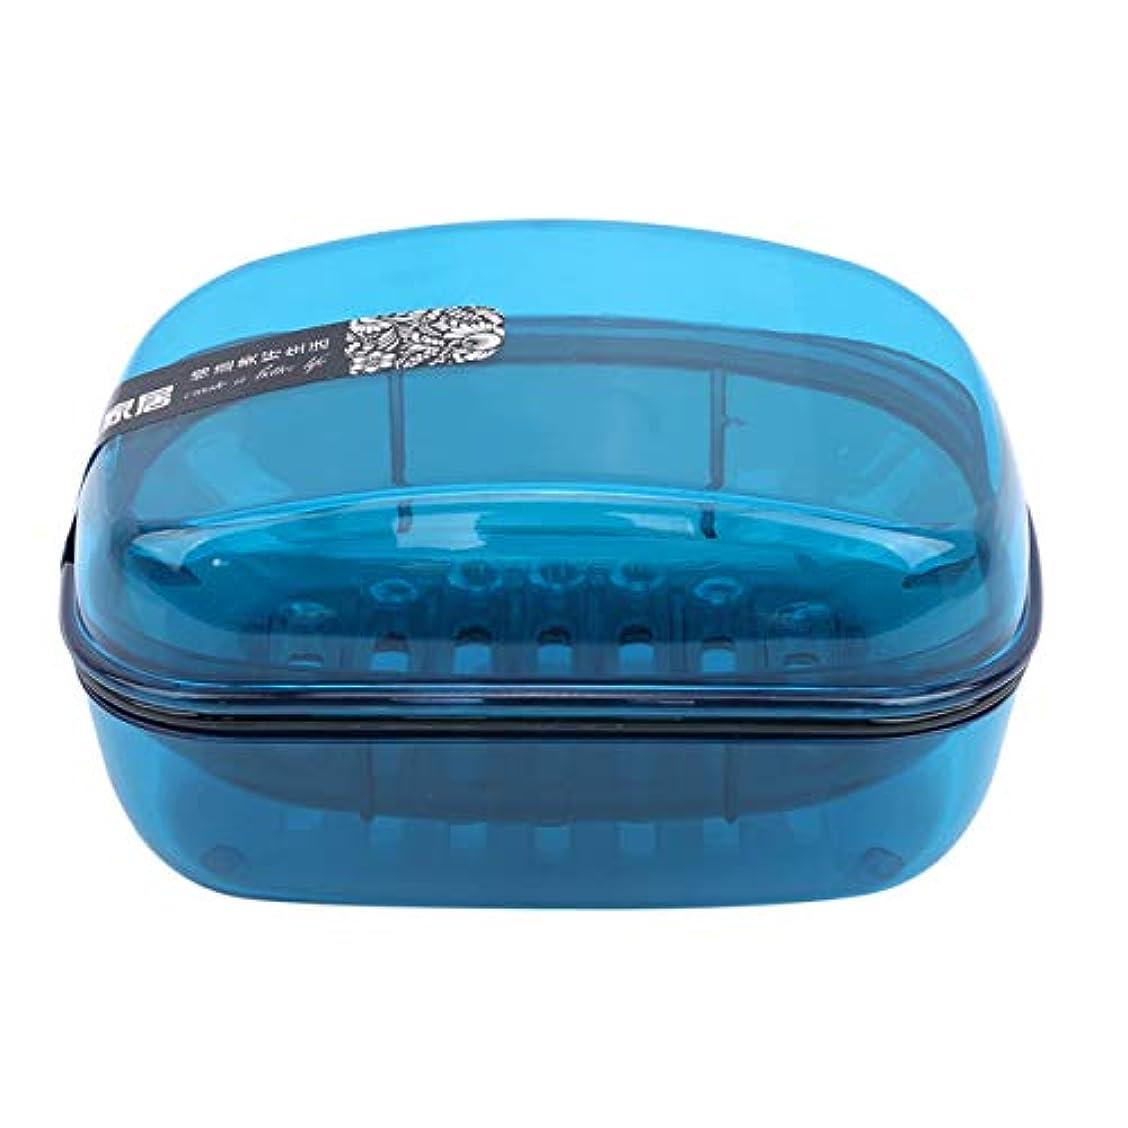 アラブスピーカー高原ZALING石鹸収納ボックス皿バスルームアクセサリーソープボックスケースホルダー付きカバーブルー